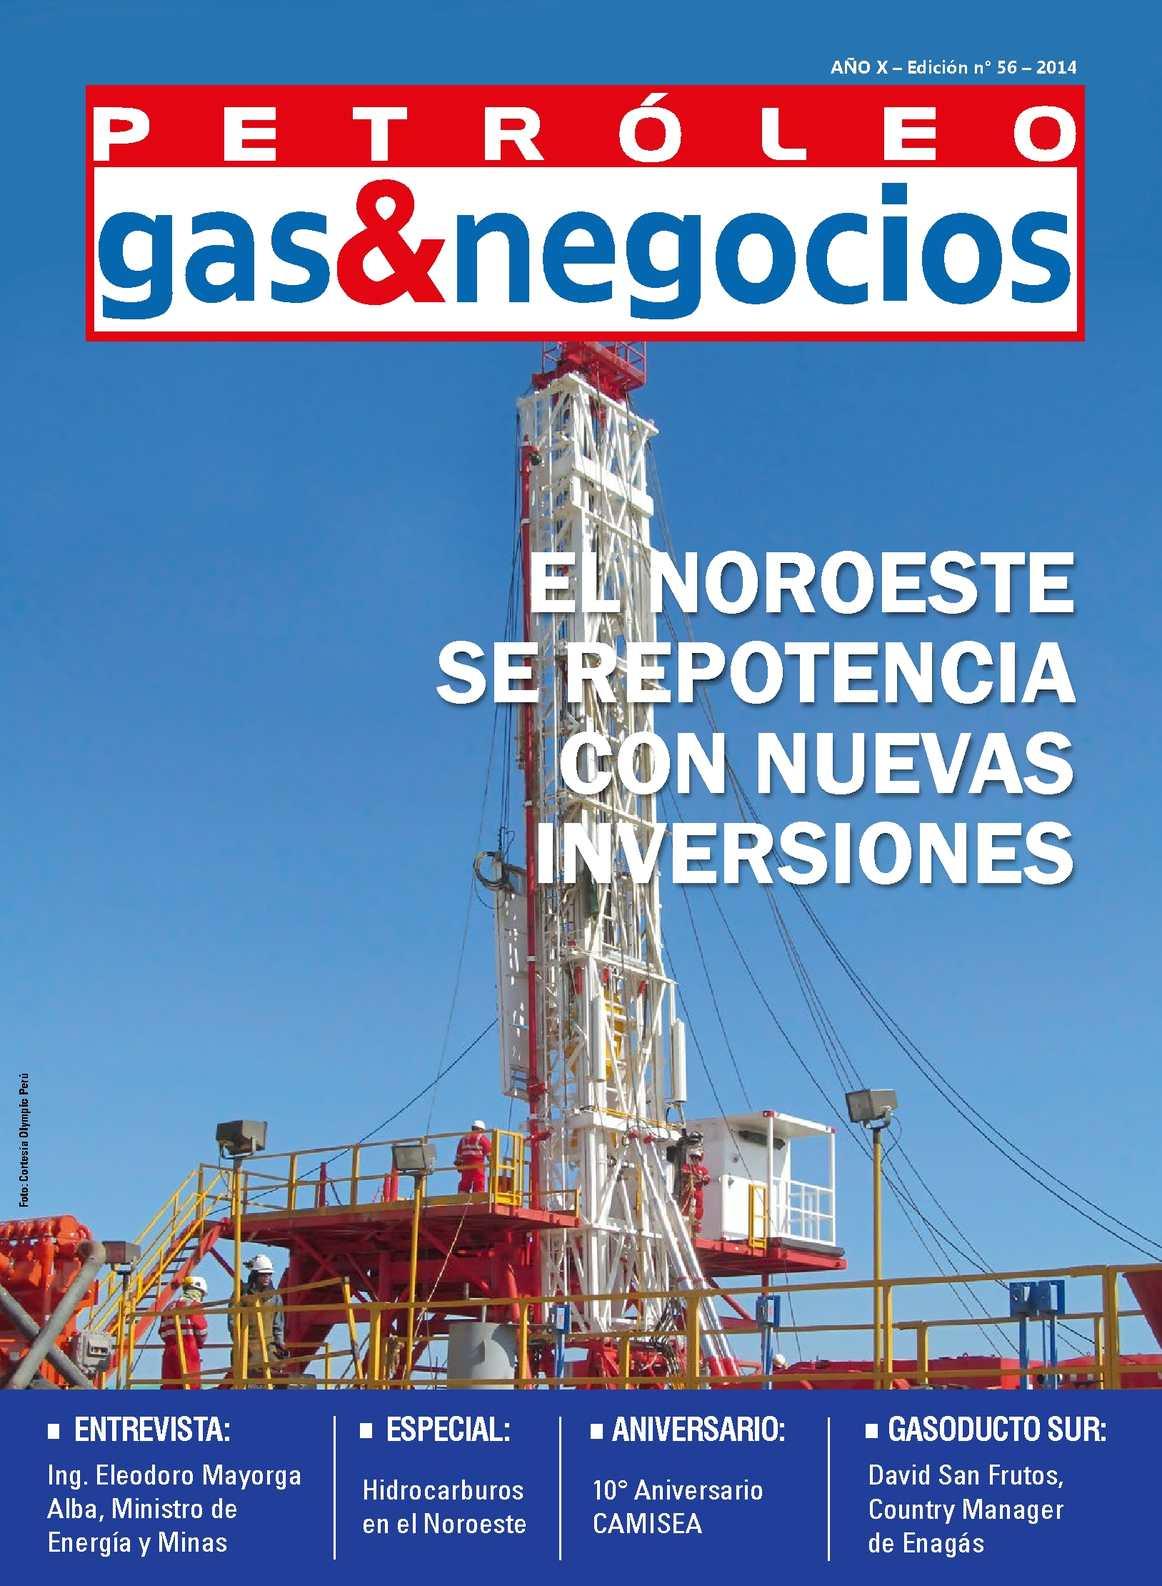 Calaméo - Revista Petroleo Gas & Negocios - Edición 56